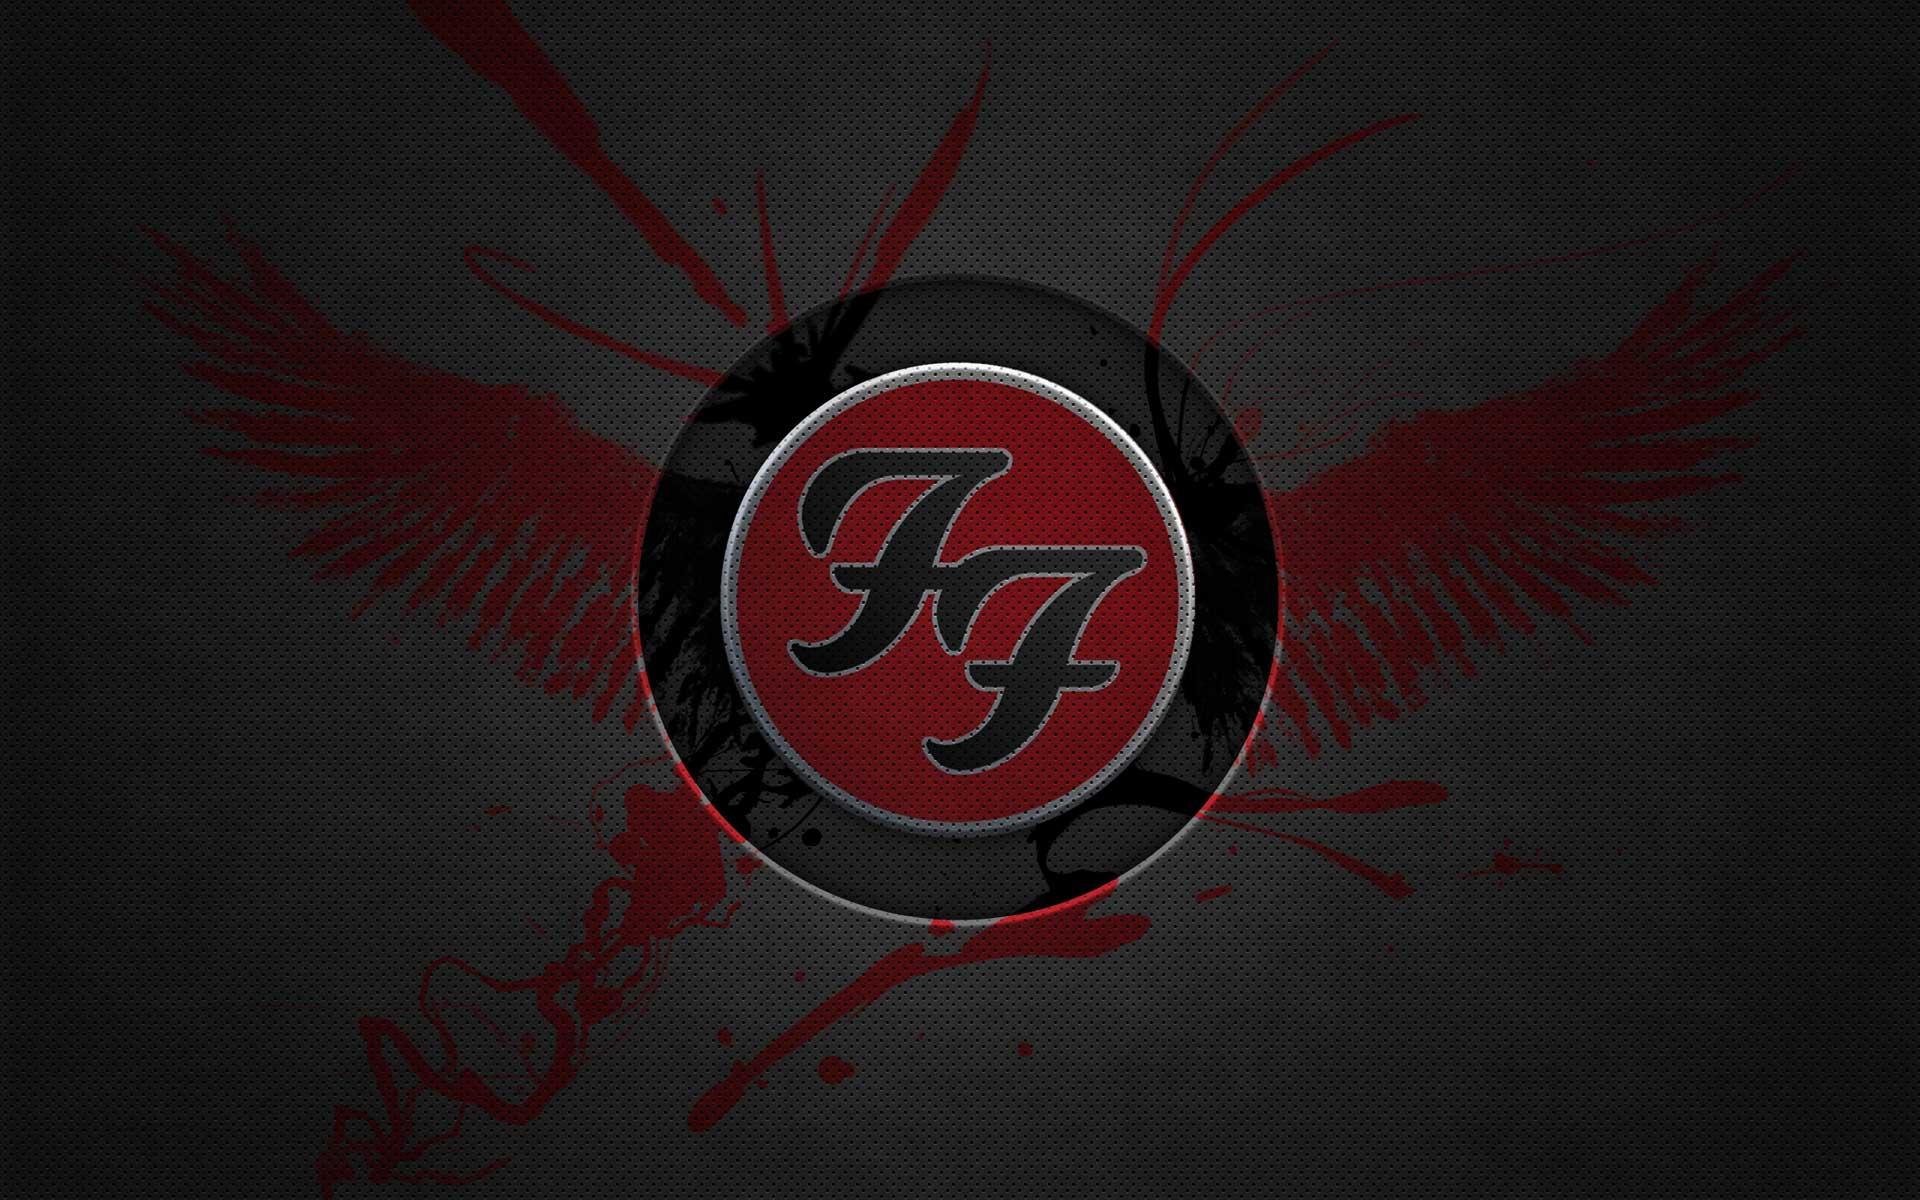 foo fighters wallpaper logo 1920x1200